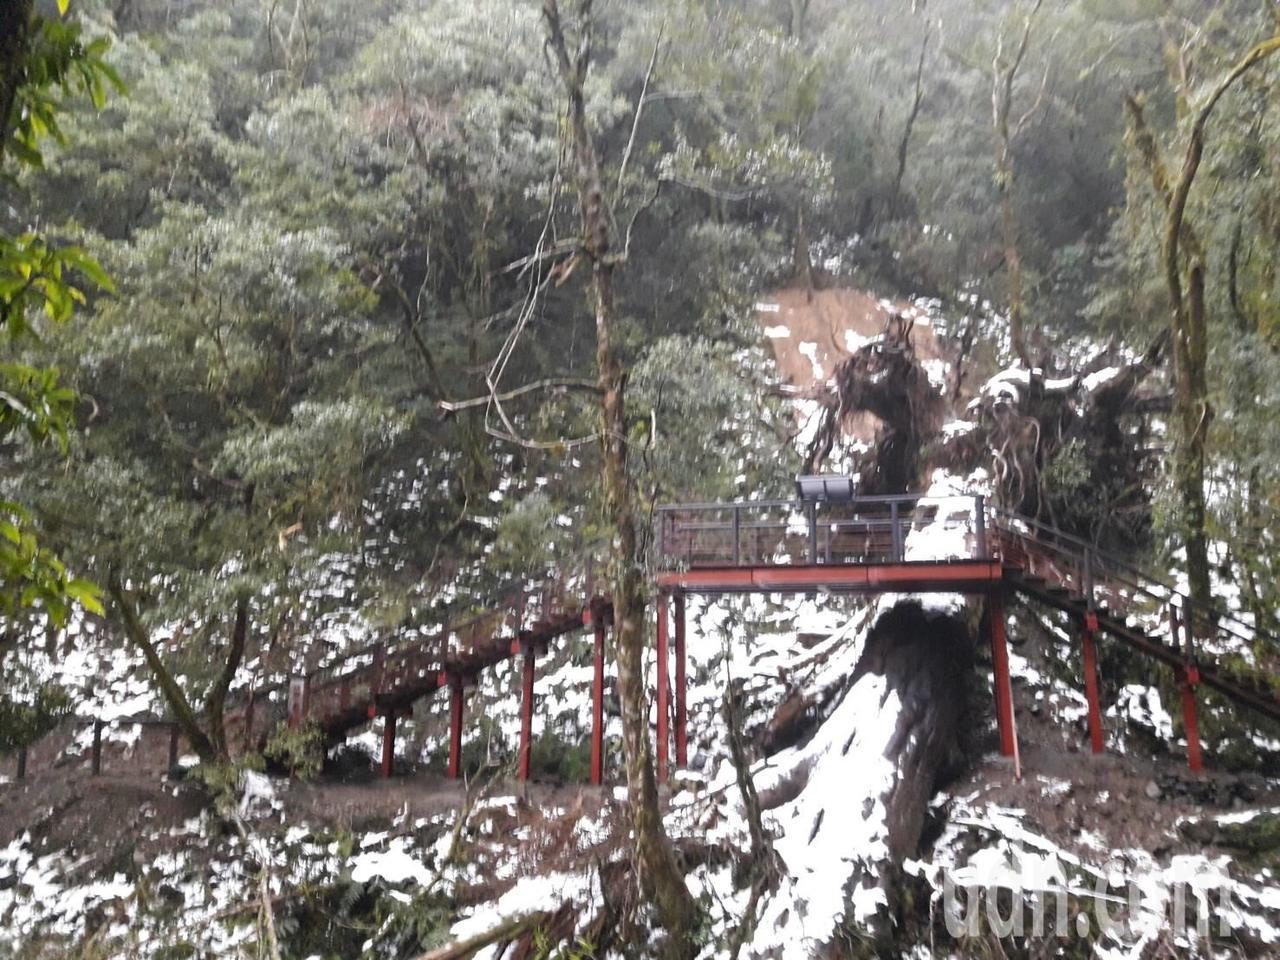 桃園市復興區拉拉山自然保護區,6號巨木附近的未編號巨木,受梅姬颱風襲擊而倒塌,為...